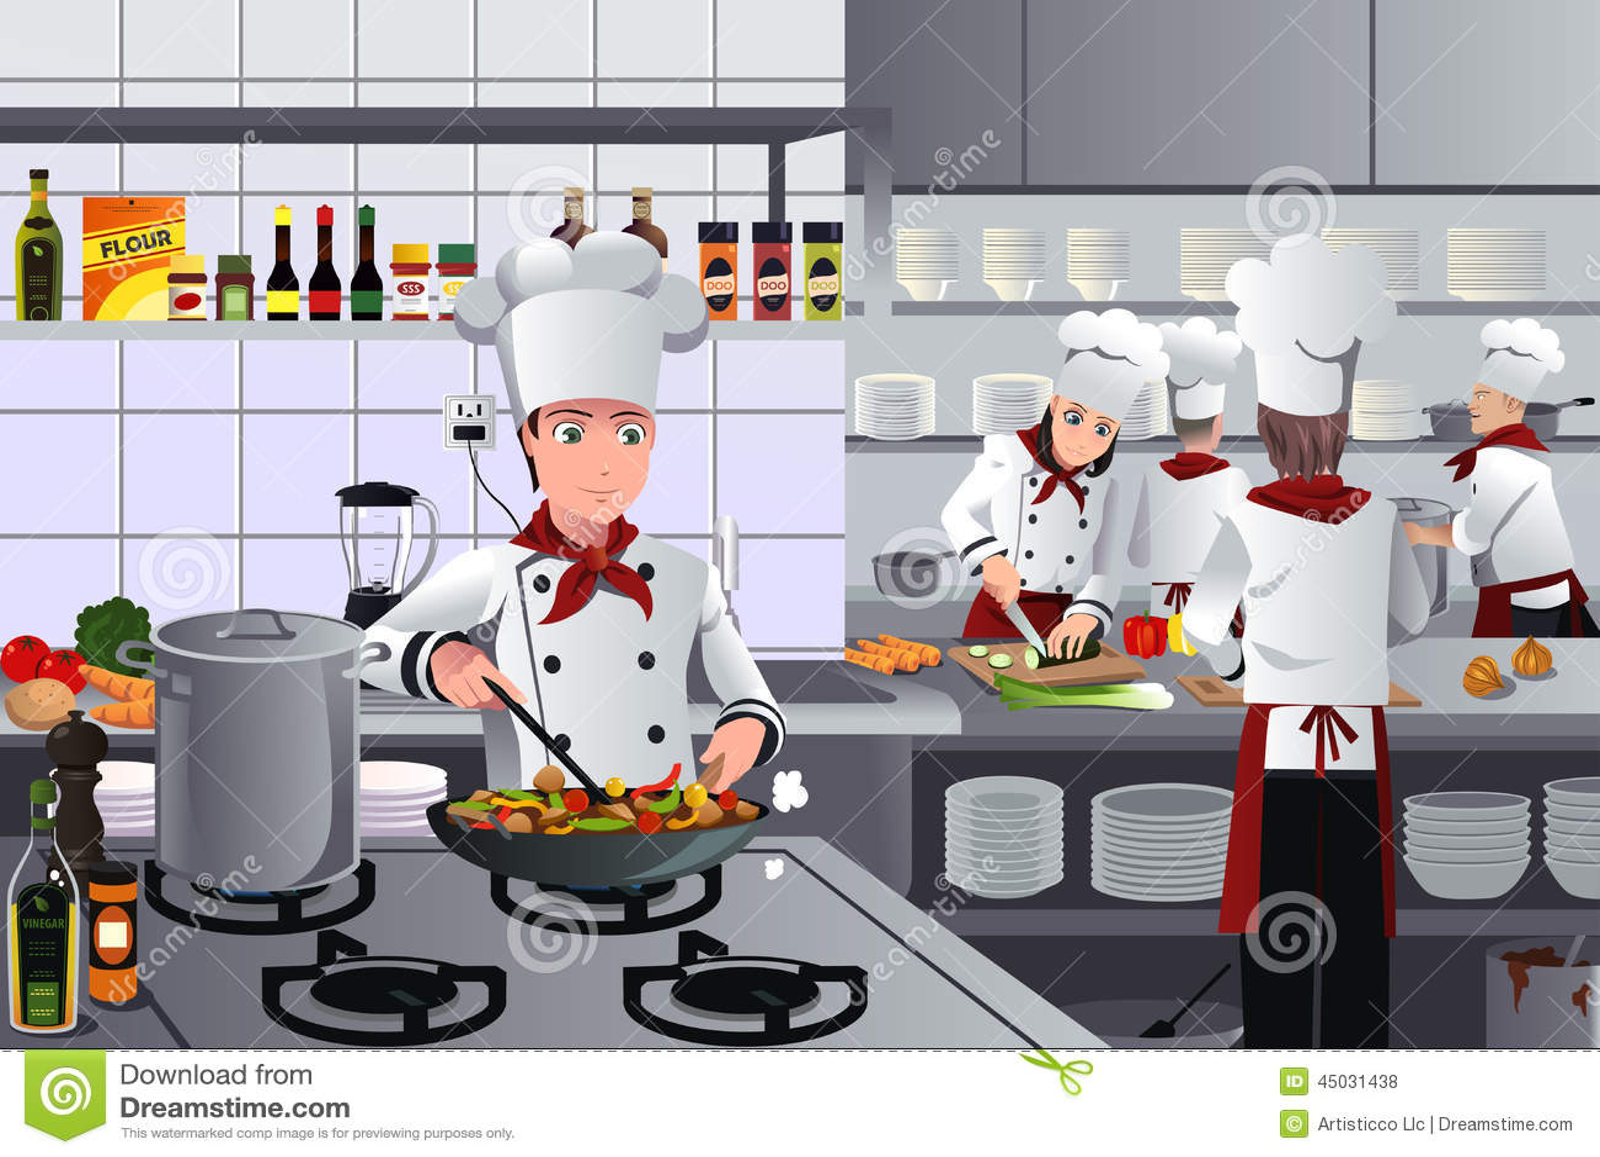 Scene Inside Restaurant Kitchen Stock Vector - Image: 45031438